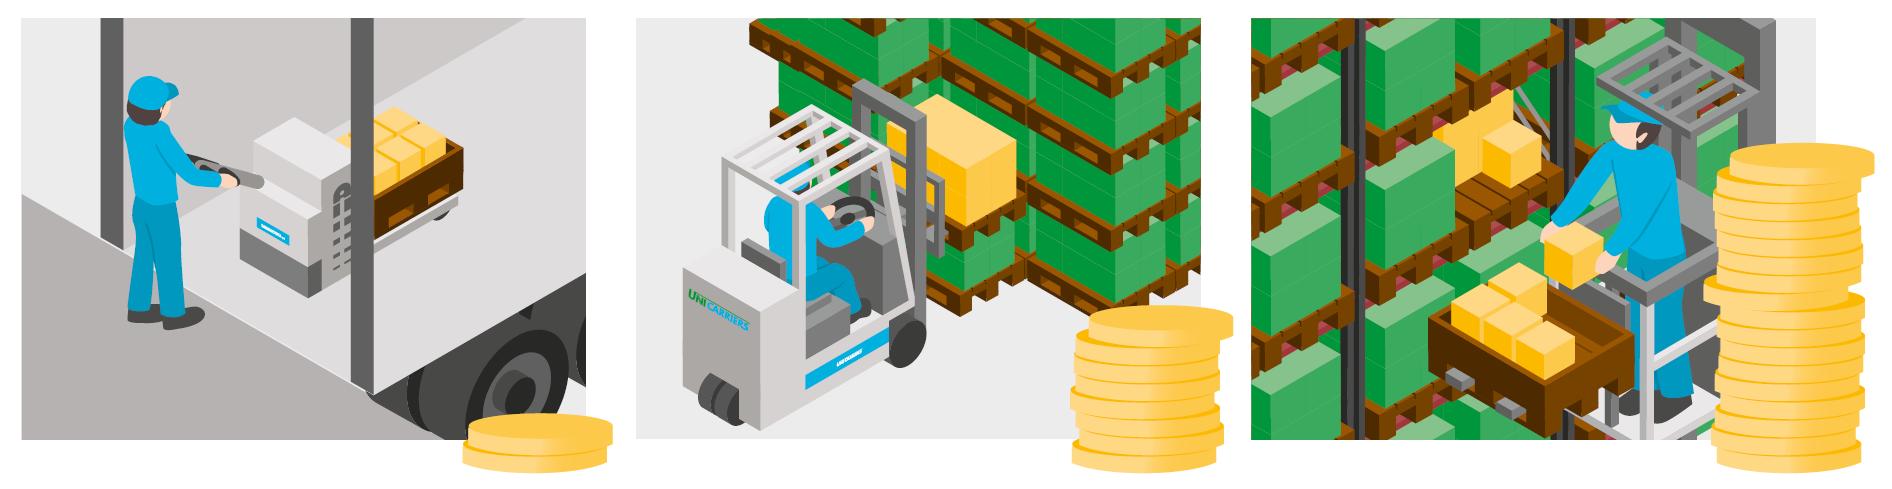 unloading-stacking-order-picking-1